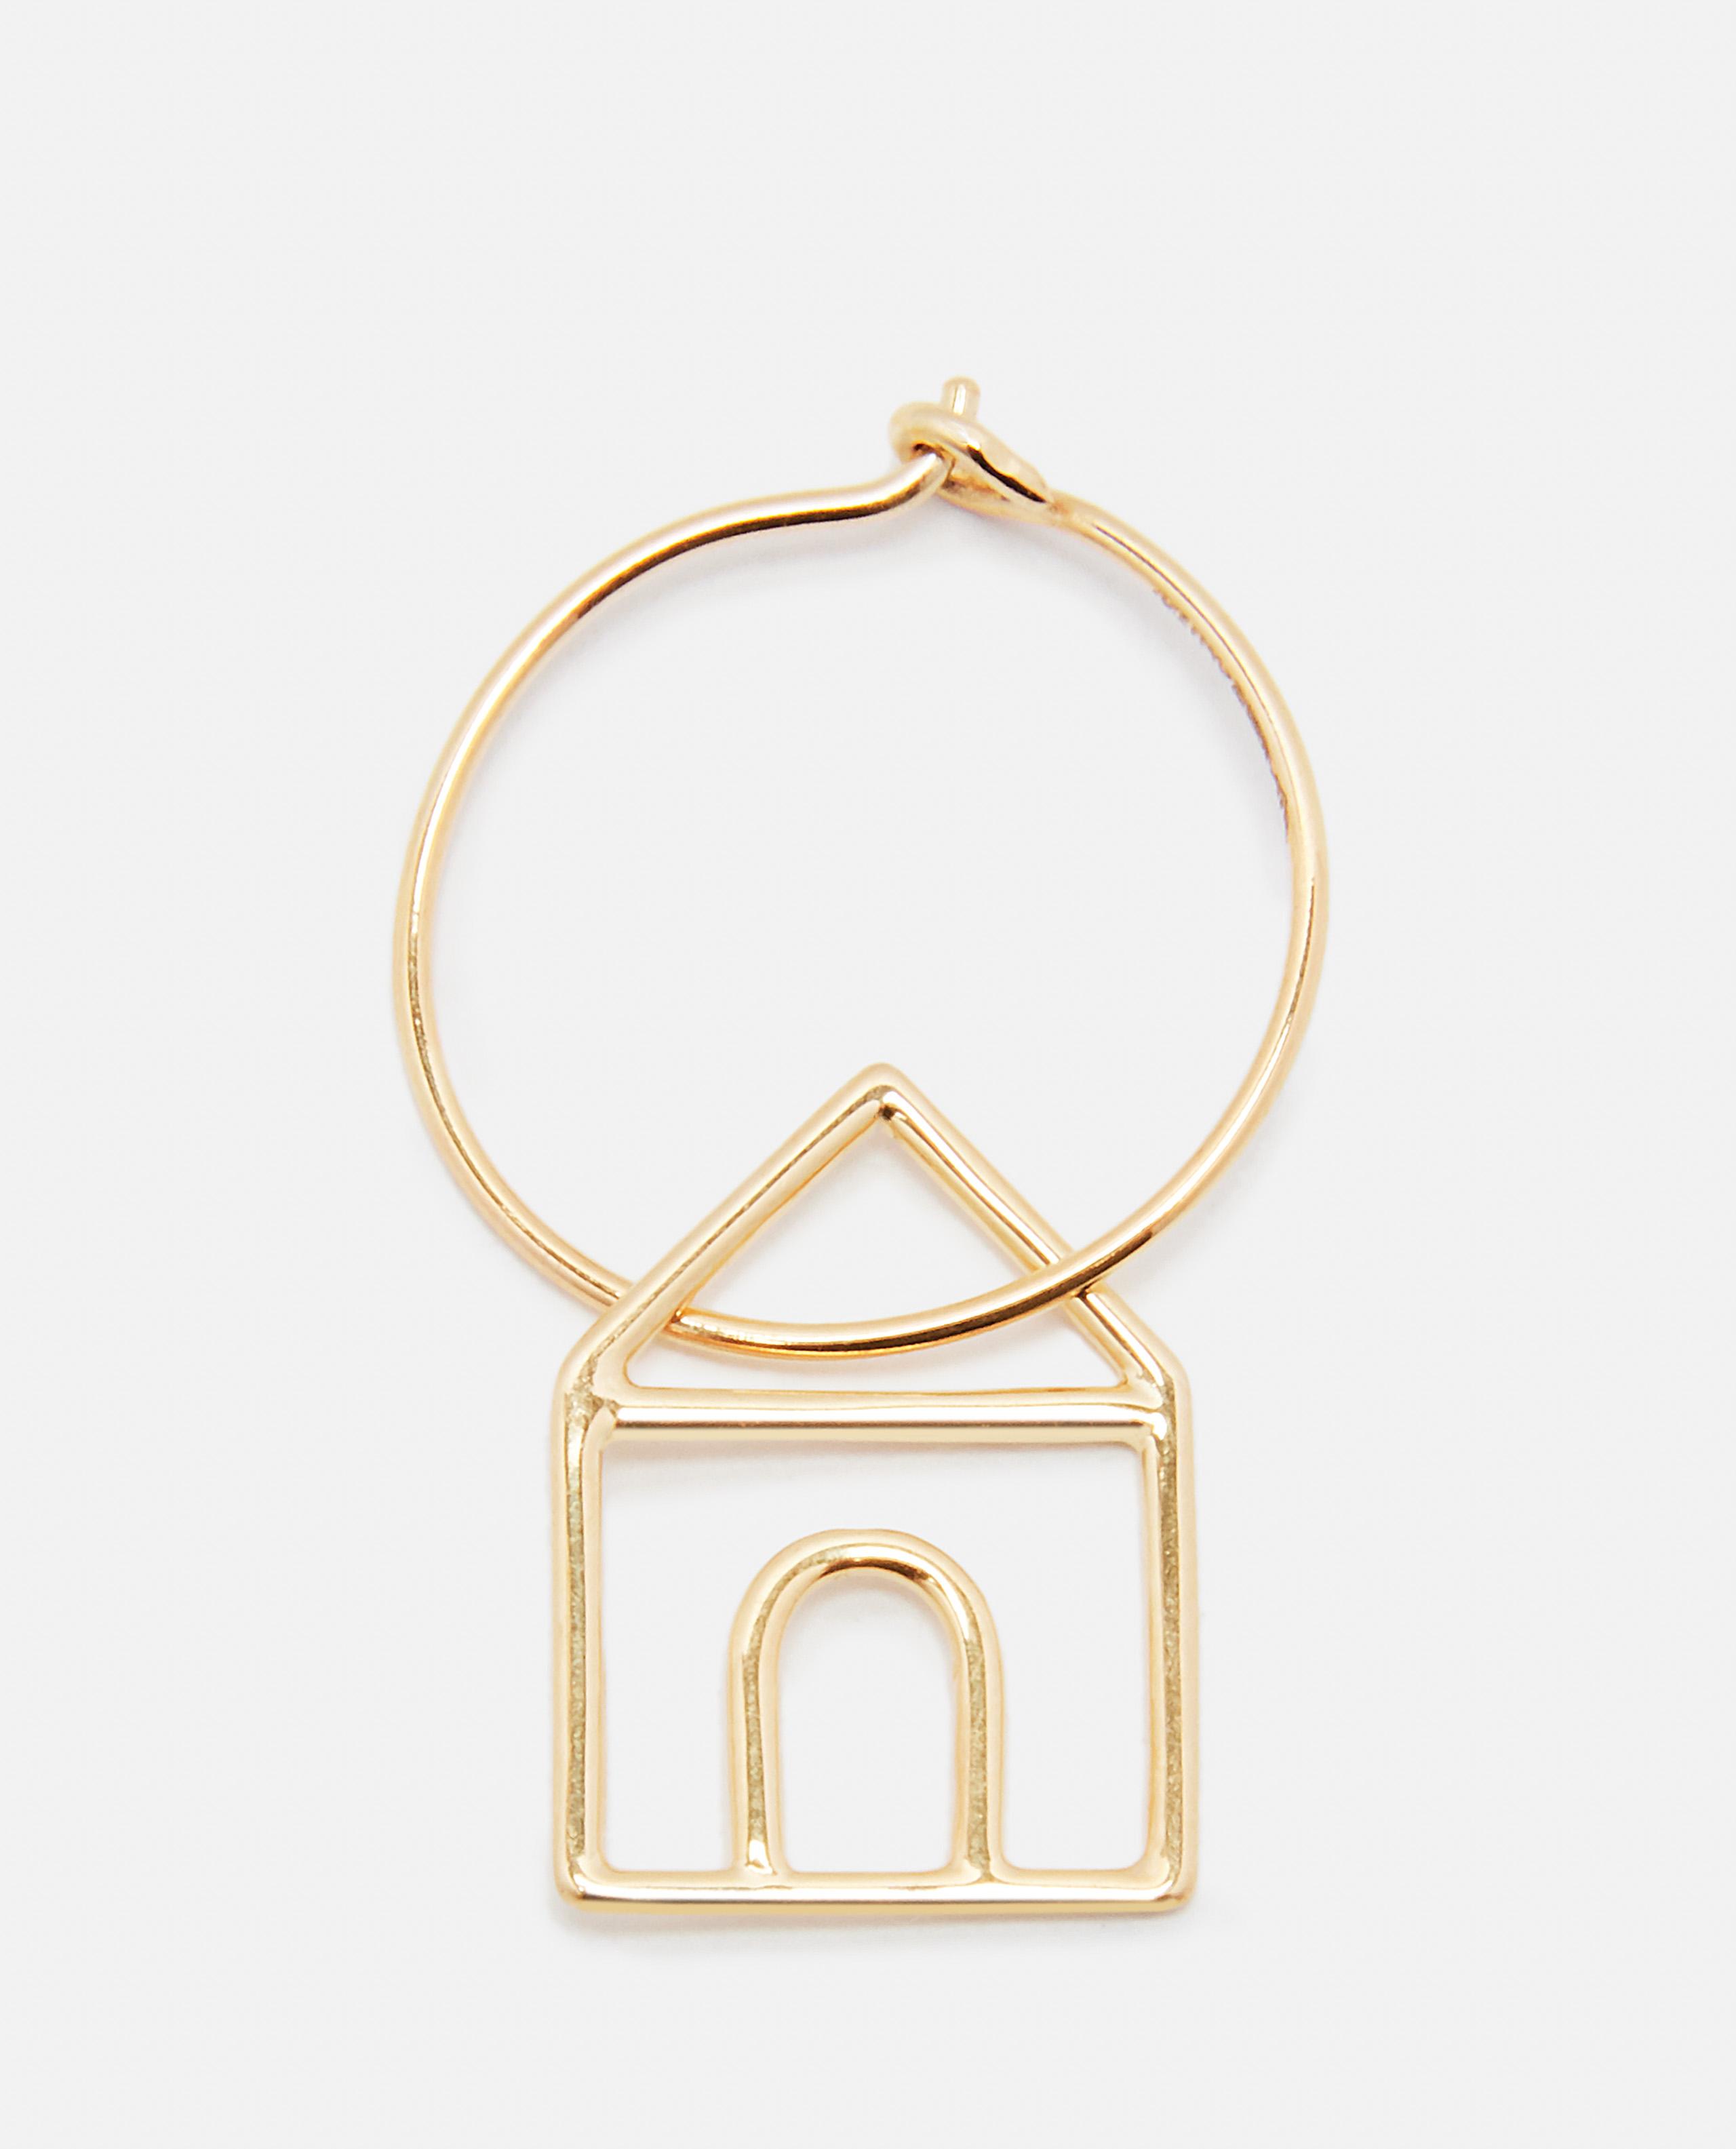 Casita Pura earring in 9kt gold